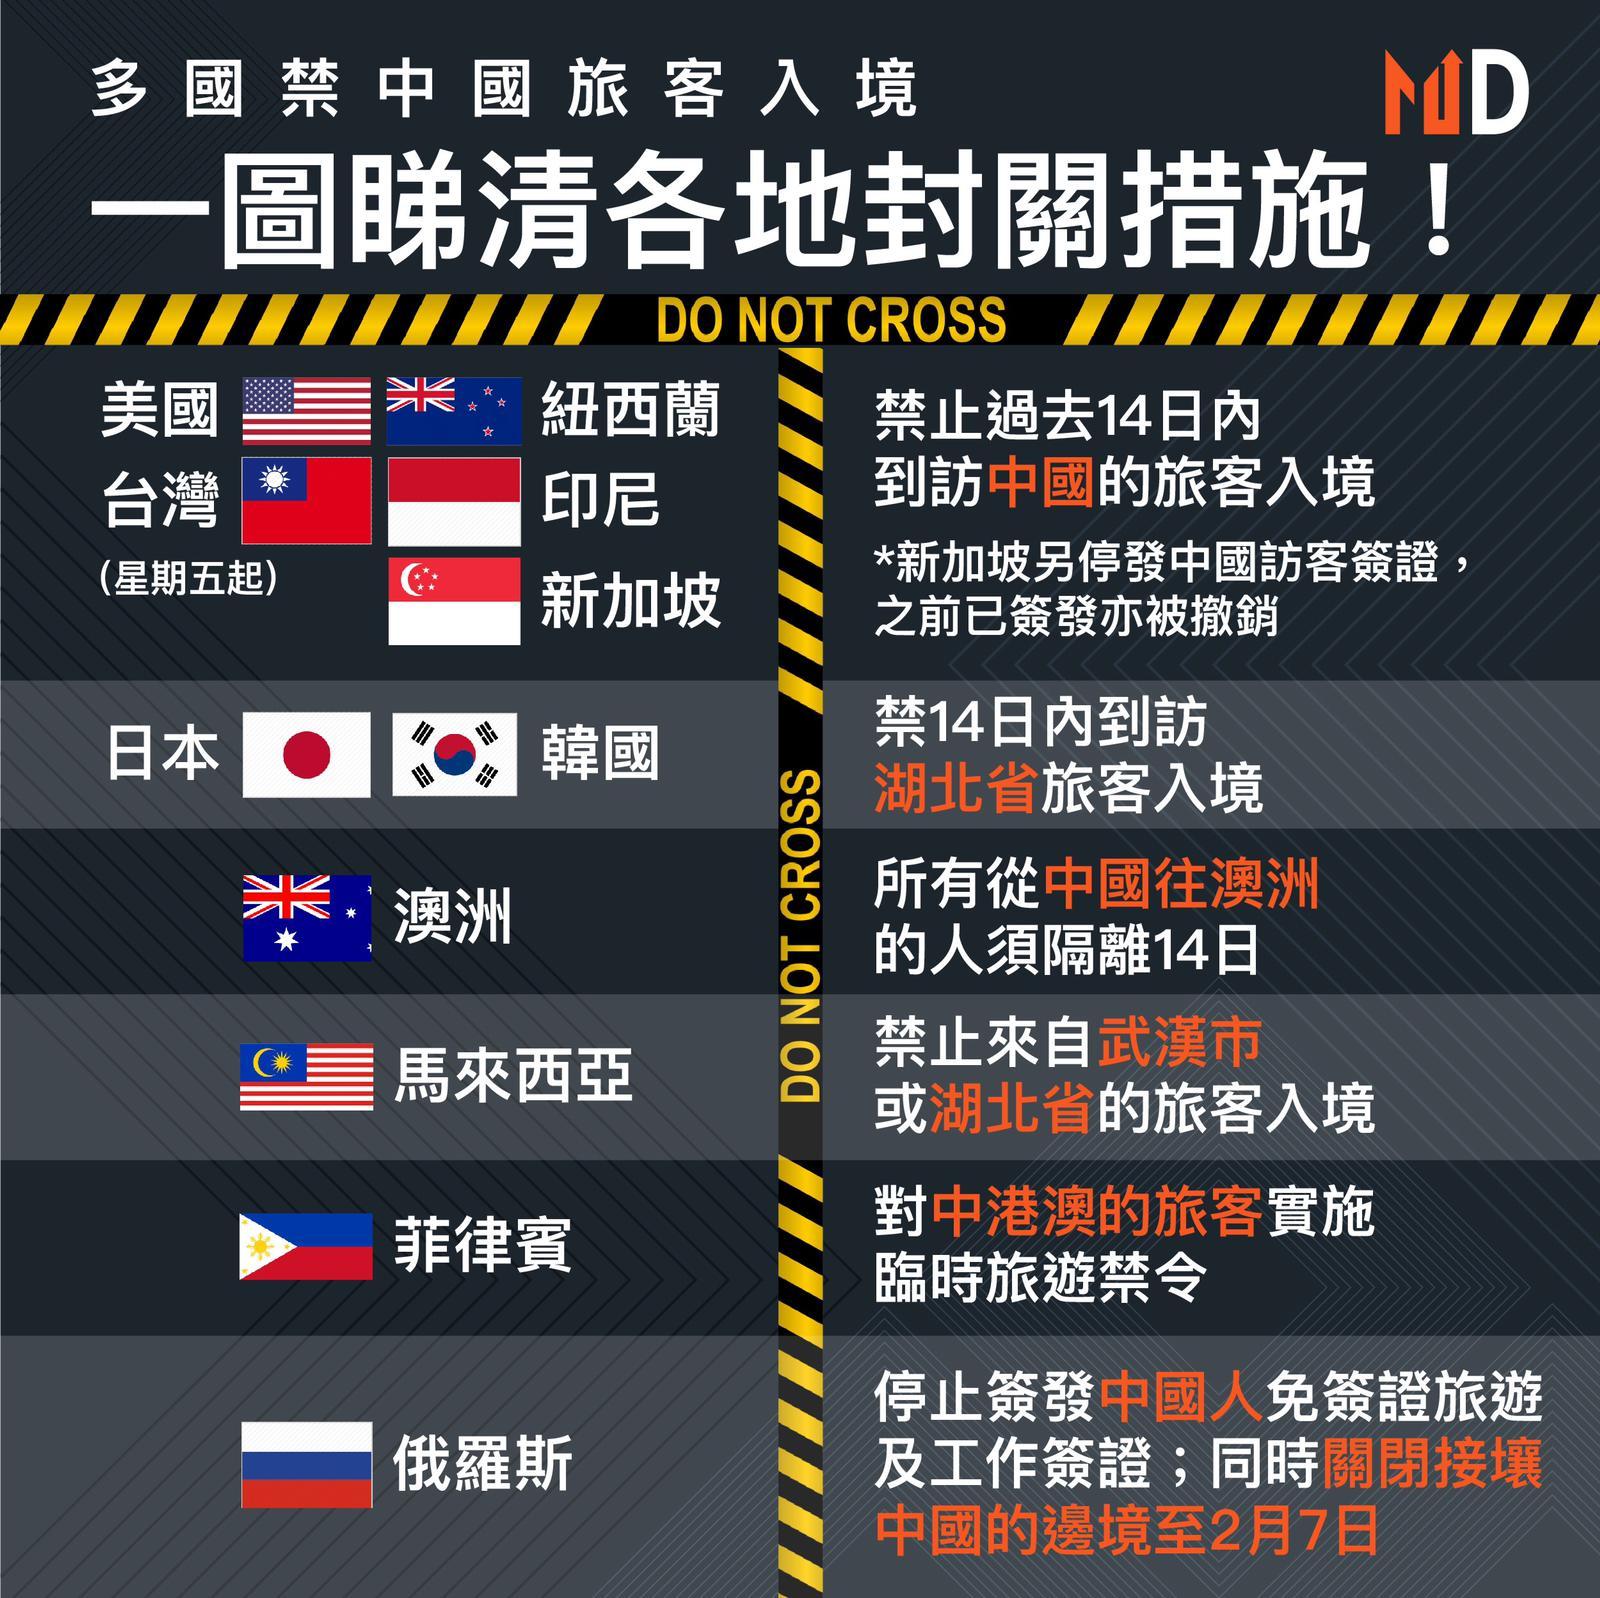 【市場熱話】多國禁中國旅客入境 一圖睇清各地封關措施!